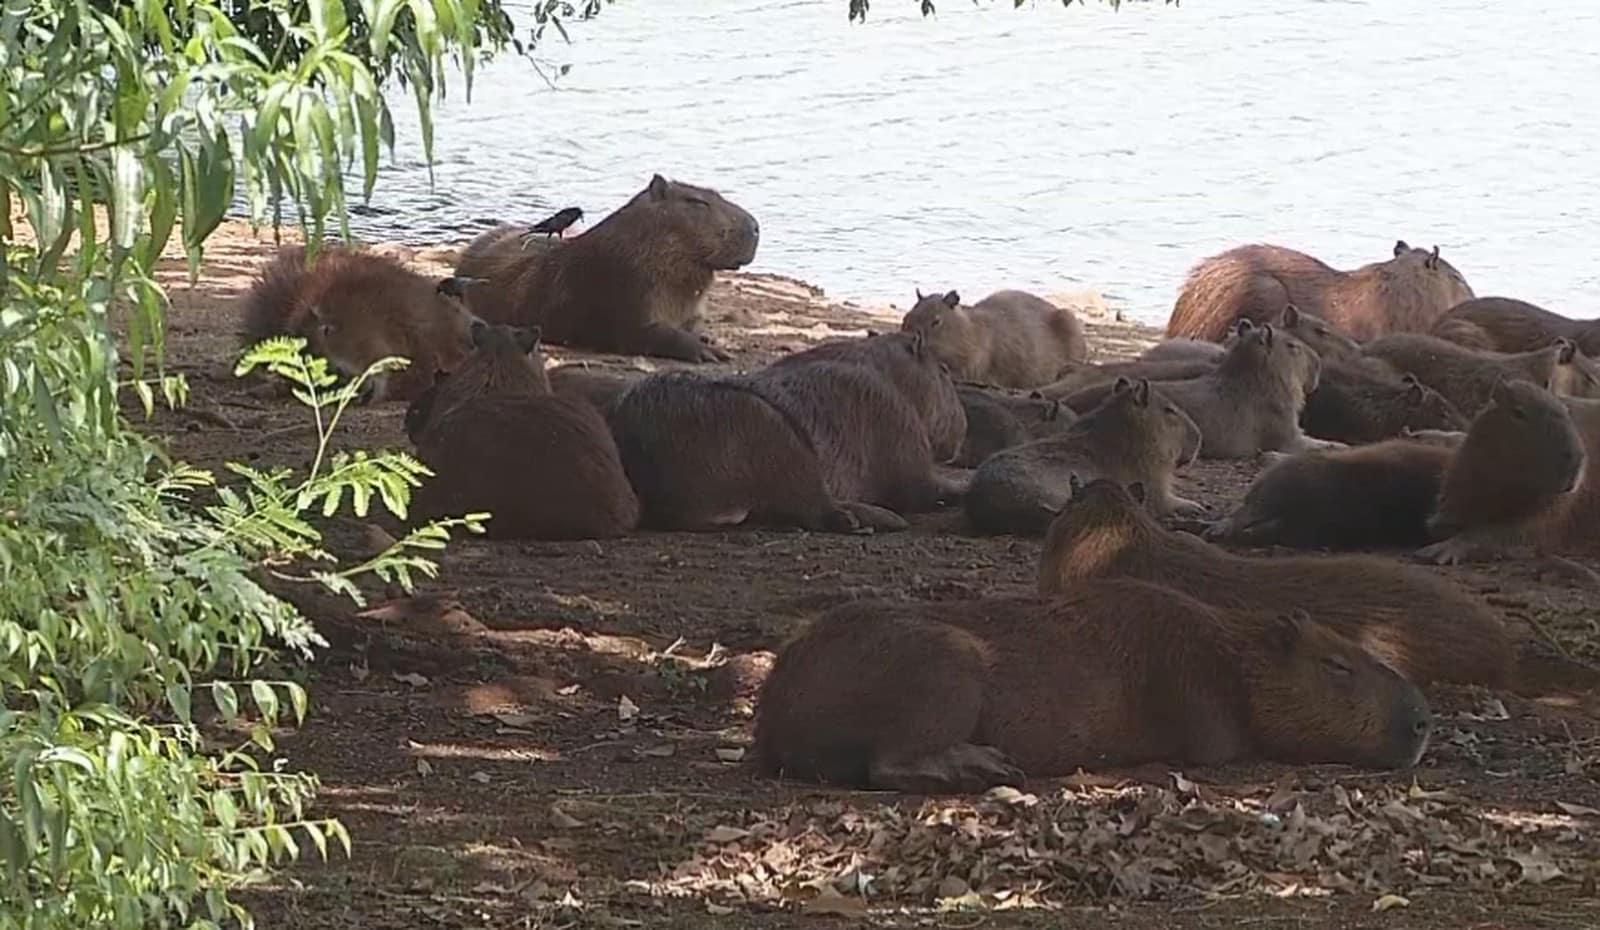 Lago municipal de Ipaussu tem muitas capivaras, animais que colaboram para a proliferação da doença — Foto: Reprodução/TV TEM